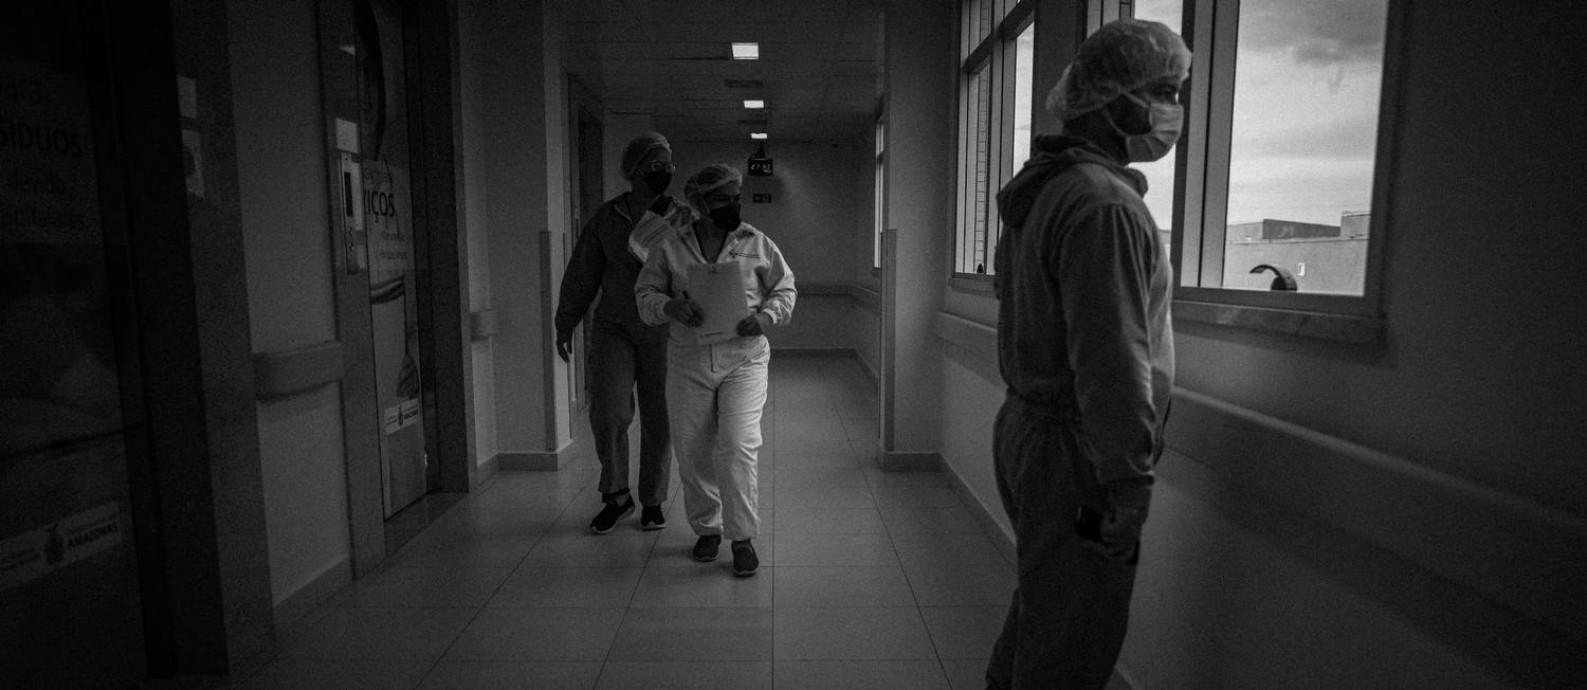 Profissionais da área de saúde com equipamentos de proteção contra a Covid-19 atendem no Hospital Delphina Aziz, na Zona Norte de Manaus. Foto: Raphael Alves / Agência O Globo